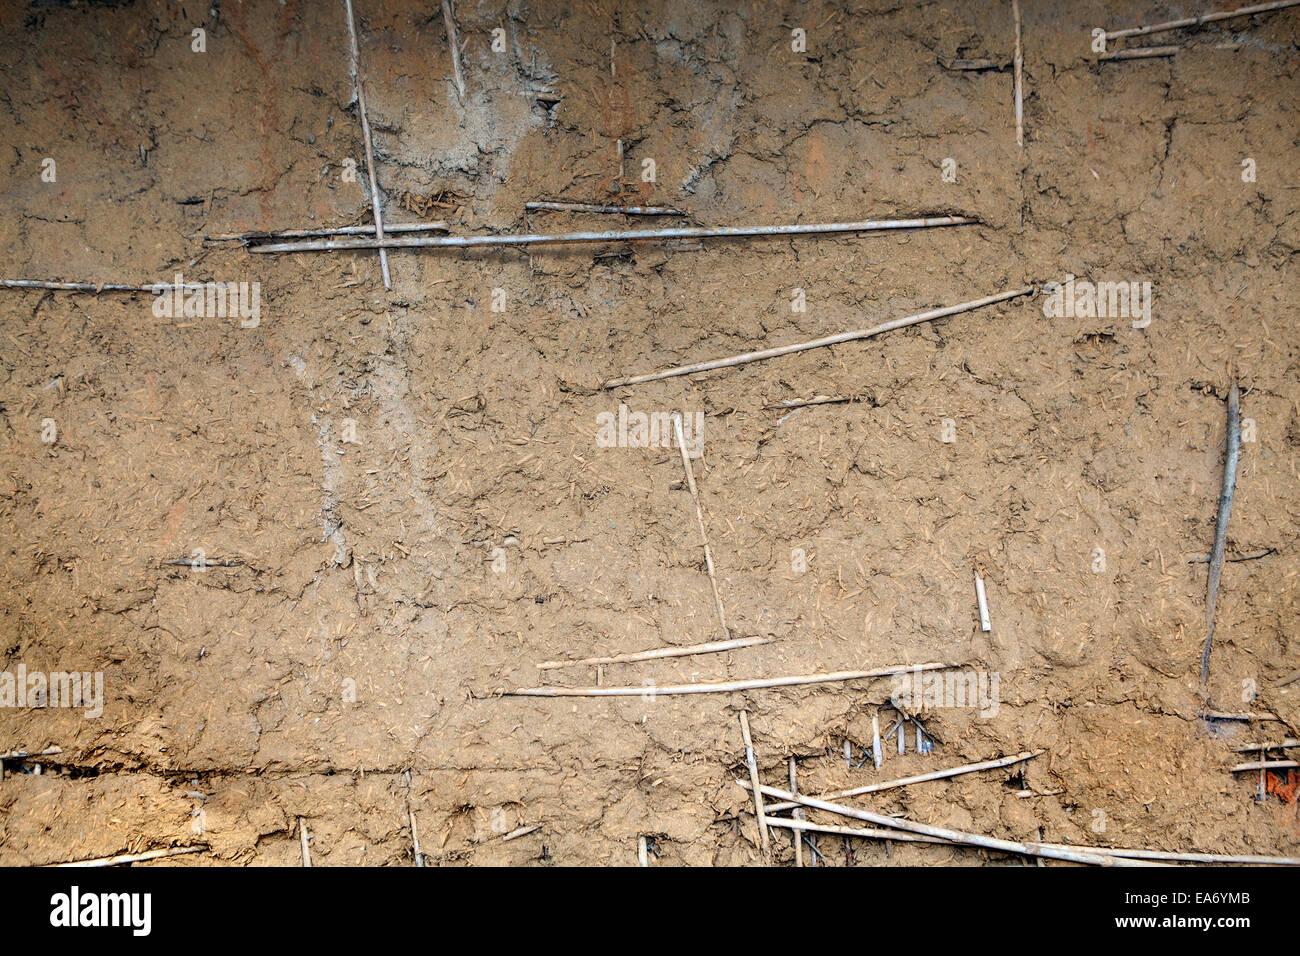 Hintergrund der braunen Adobe-Schlamm und Stroh. Stockbild